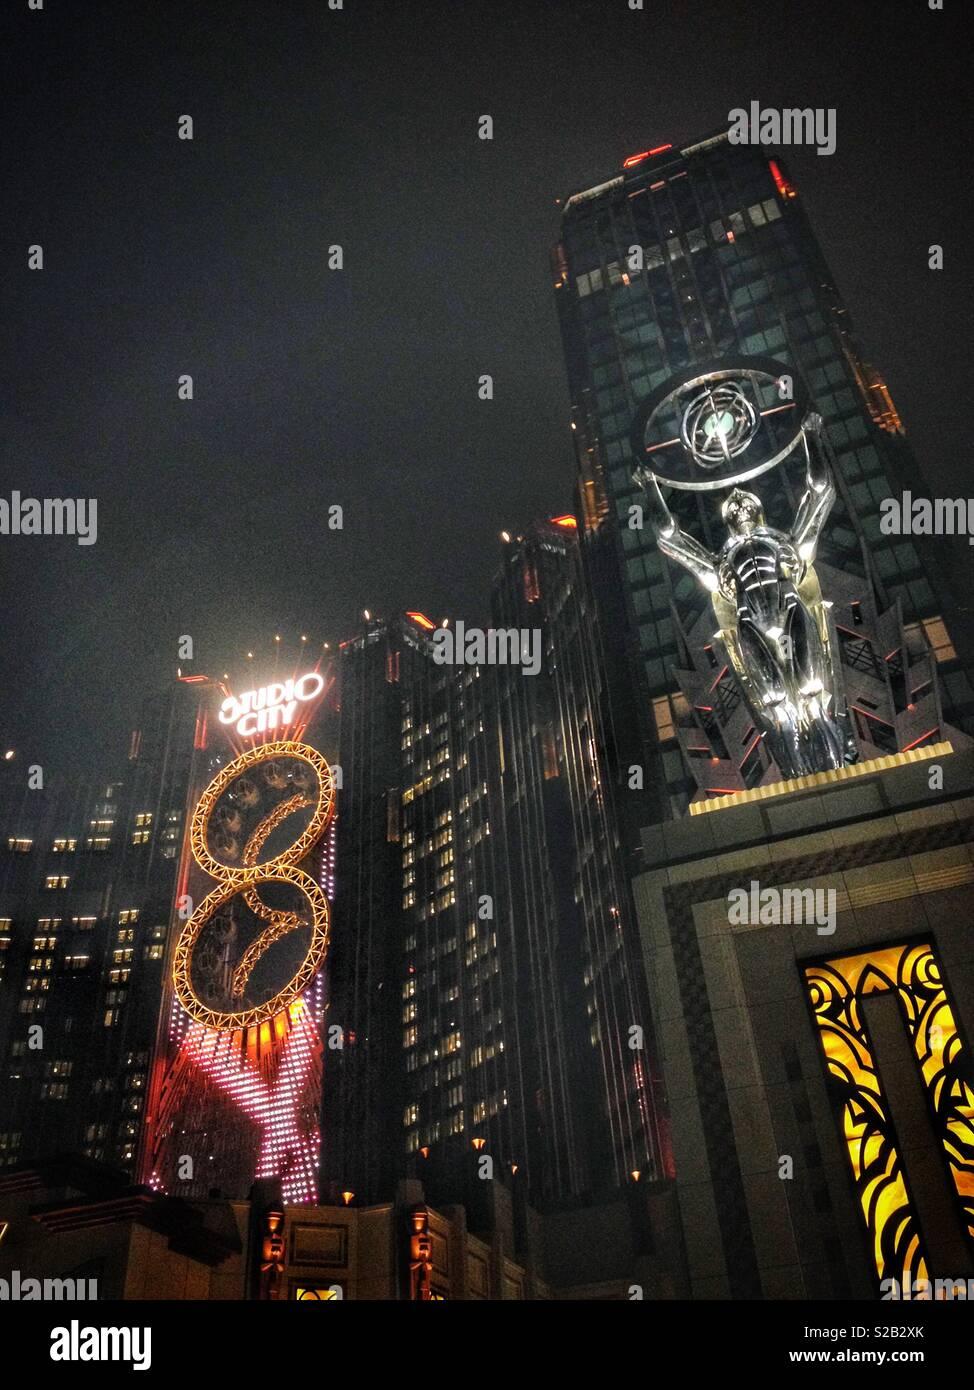 Studio City hotel, casino e complesso per lo shopping, Macao, con la Golden aspo, il primo al mondo la figura-8 Ferris Wheel. 8 è un numero fortunato nella cultura cinese. Immagini Stock